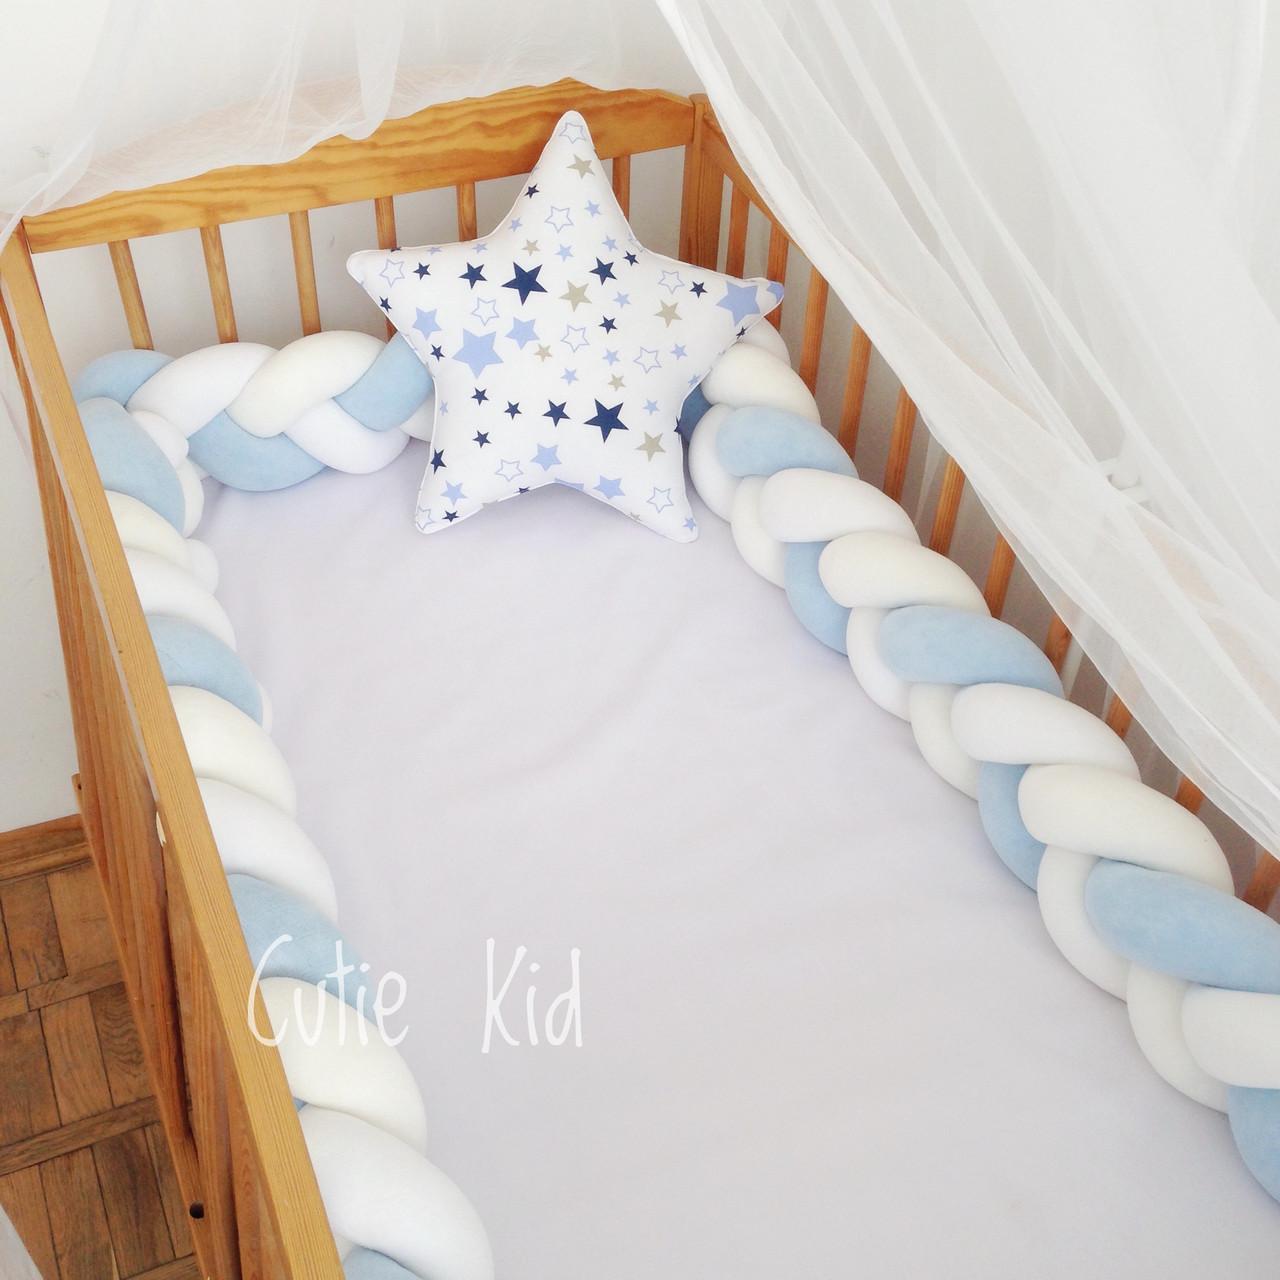 Бортик косичка в детскую кроватку (голубой, белый, молочный)